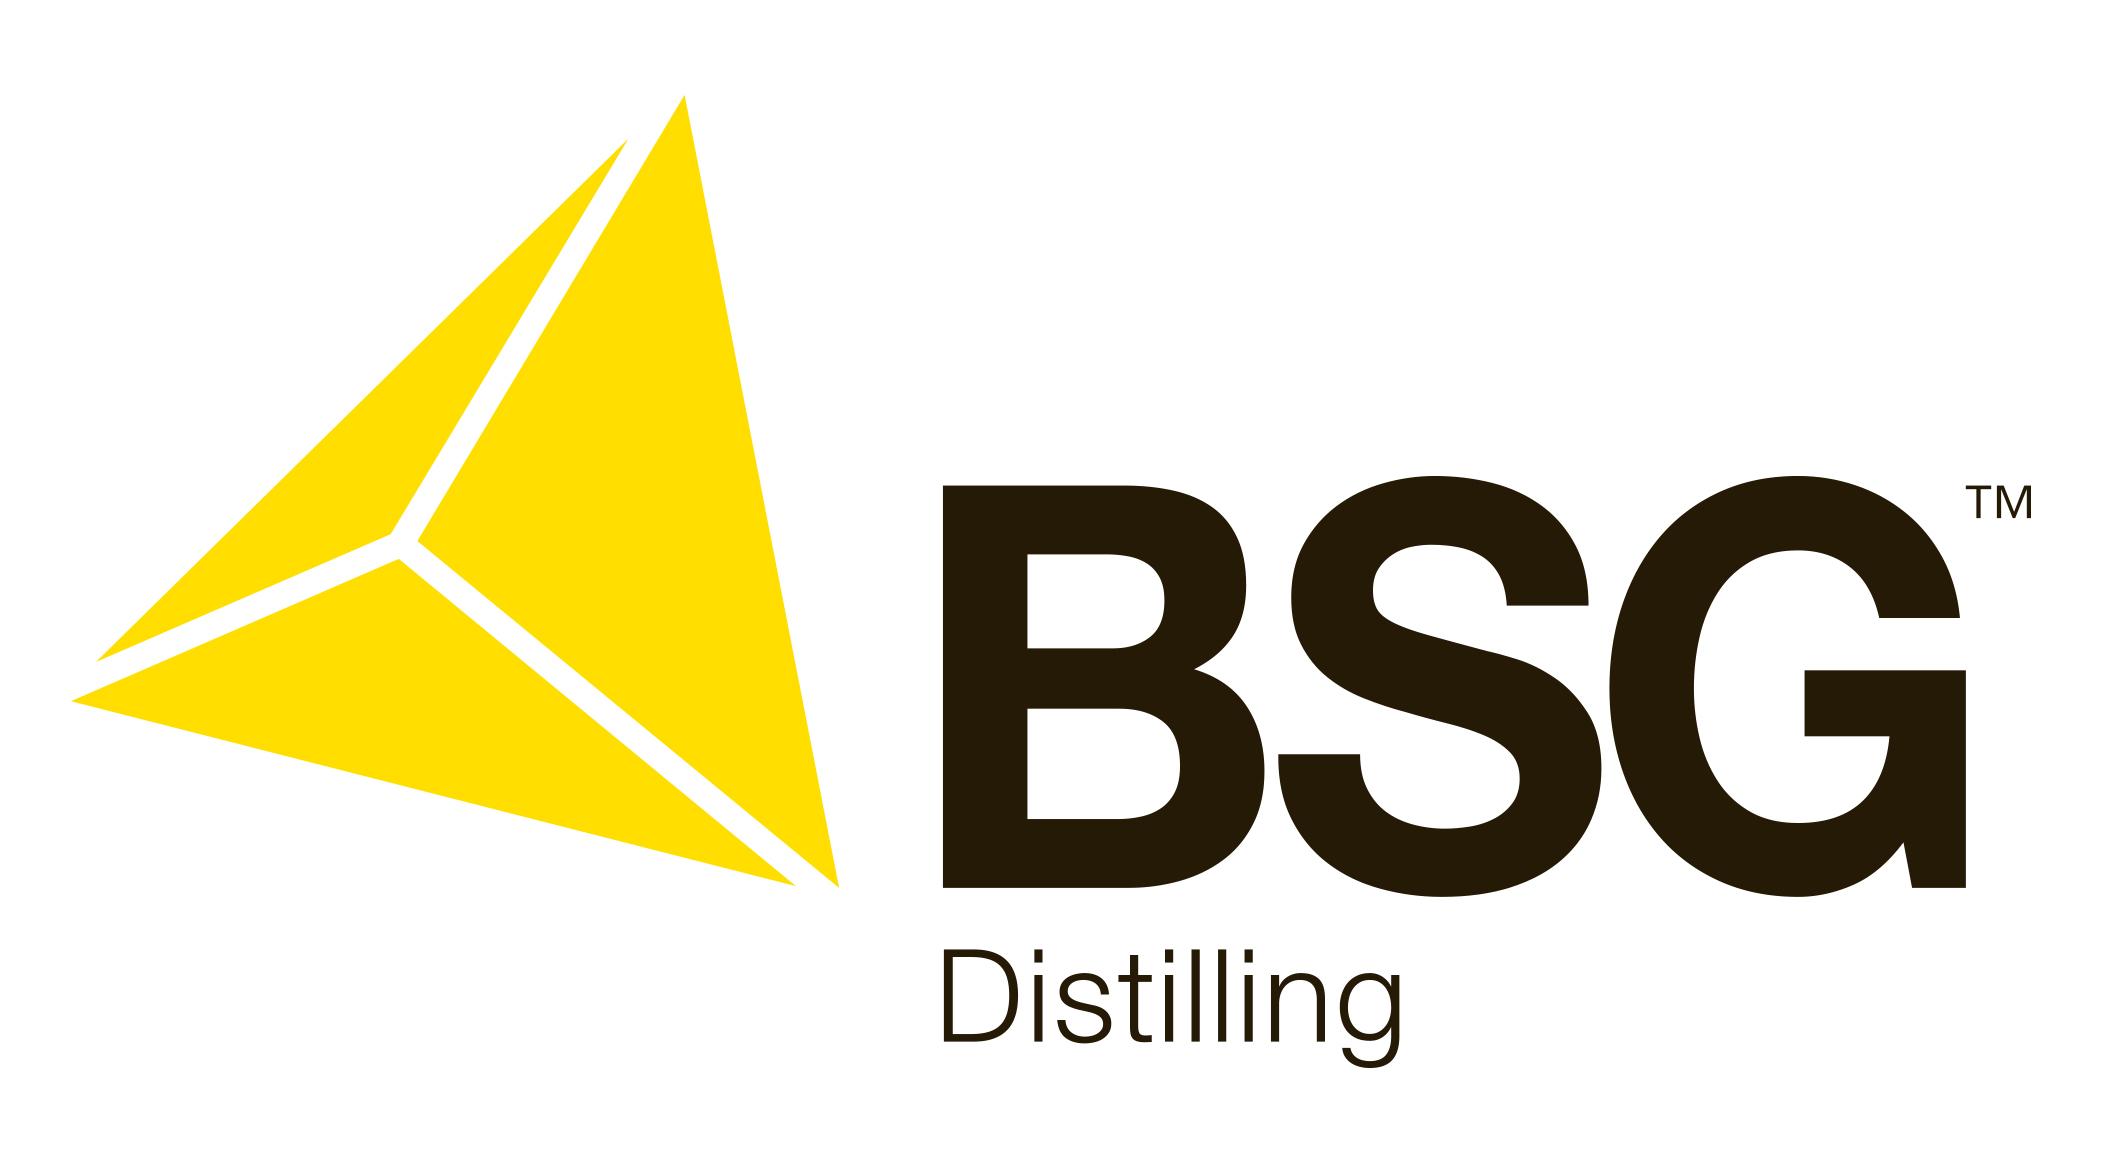 BSG Distilling